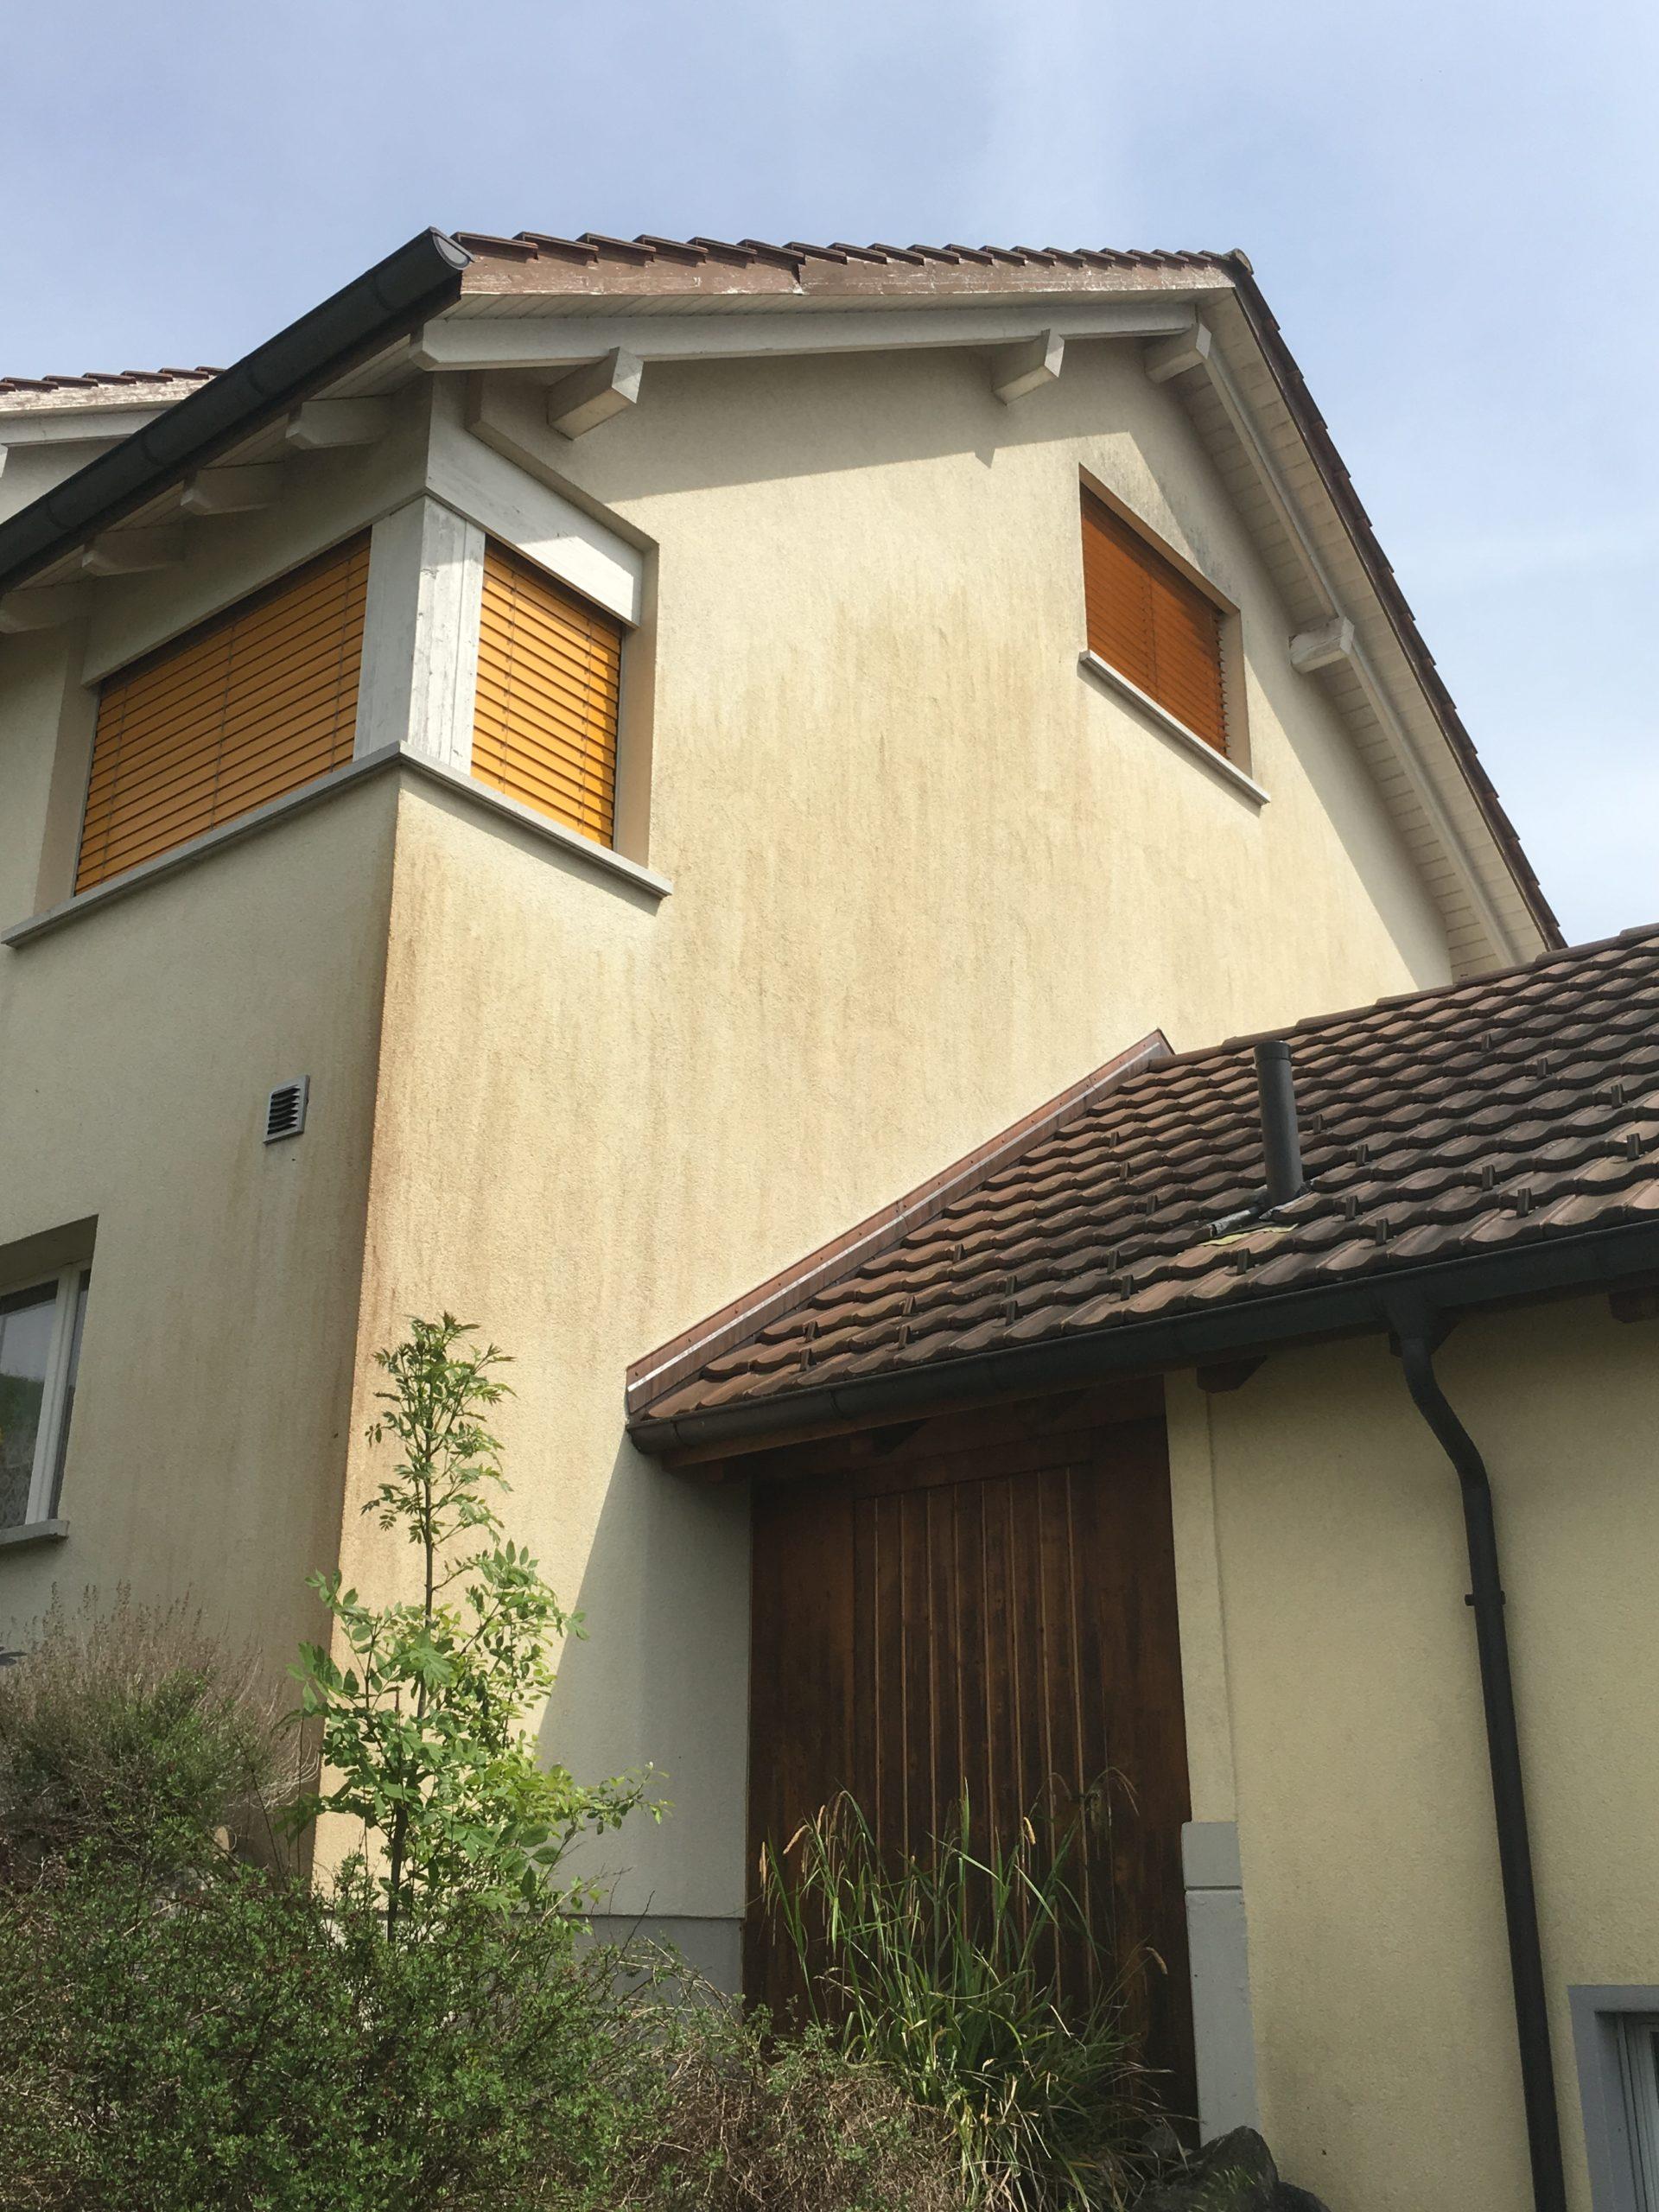 https://www.koster-gs.ch/wp-content/uploads/2020/07/Lütisburg-Fassade-vorher-Nord-West-scaled.jpg